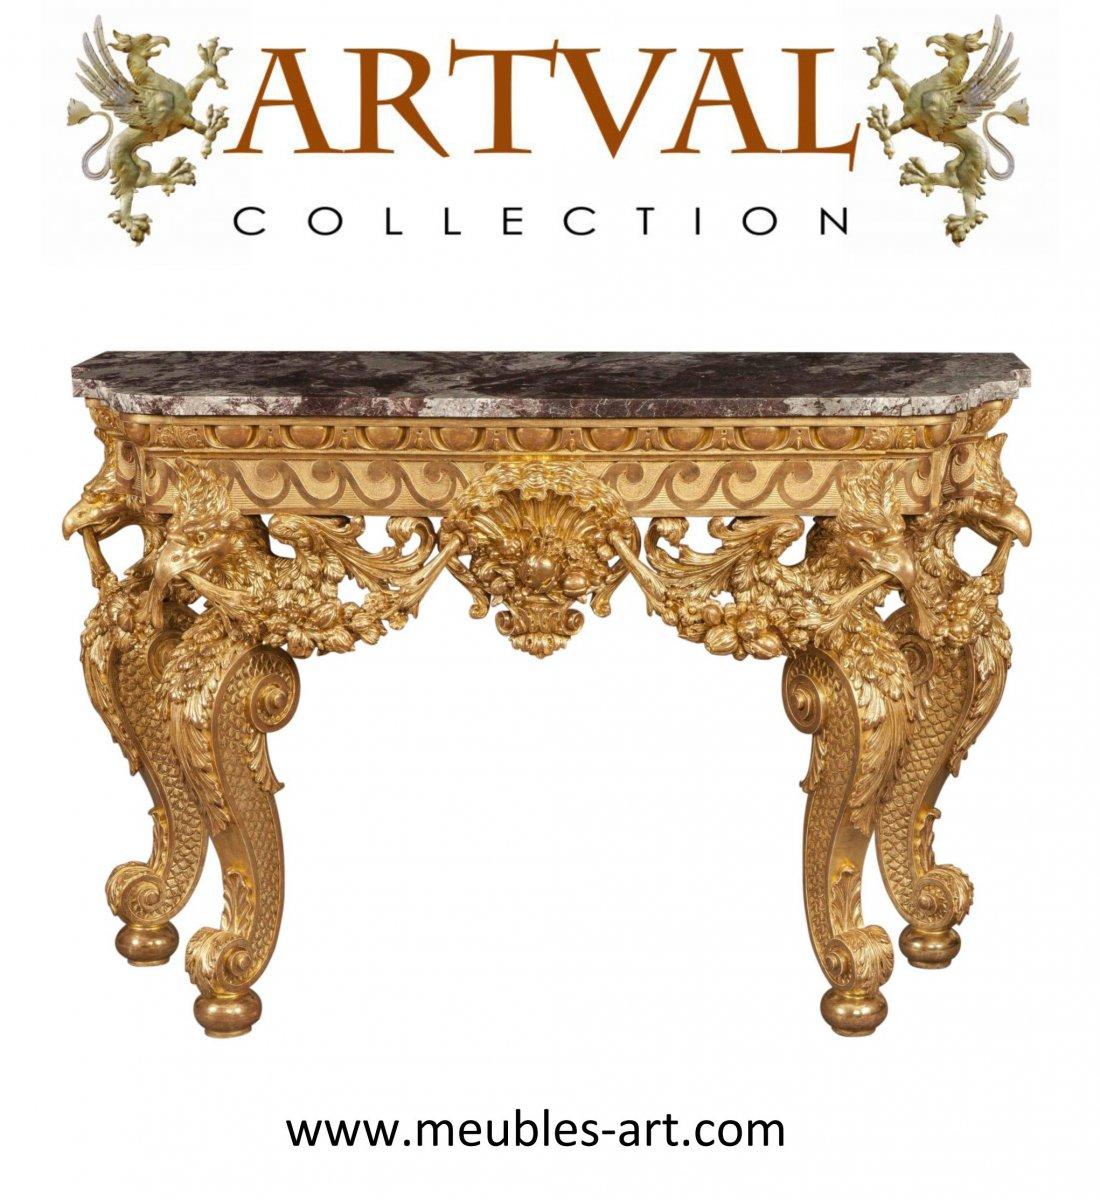 ARTVAL la Galerie du Meuble d'Art